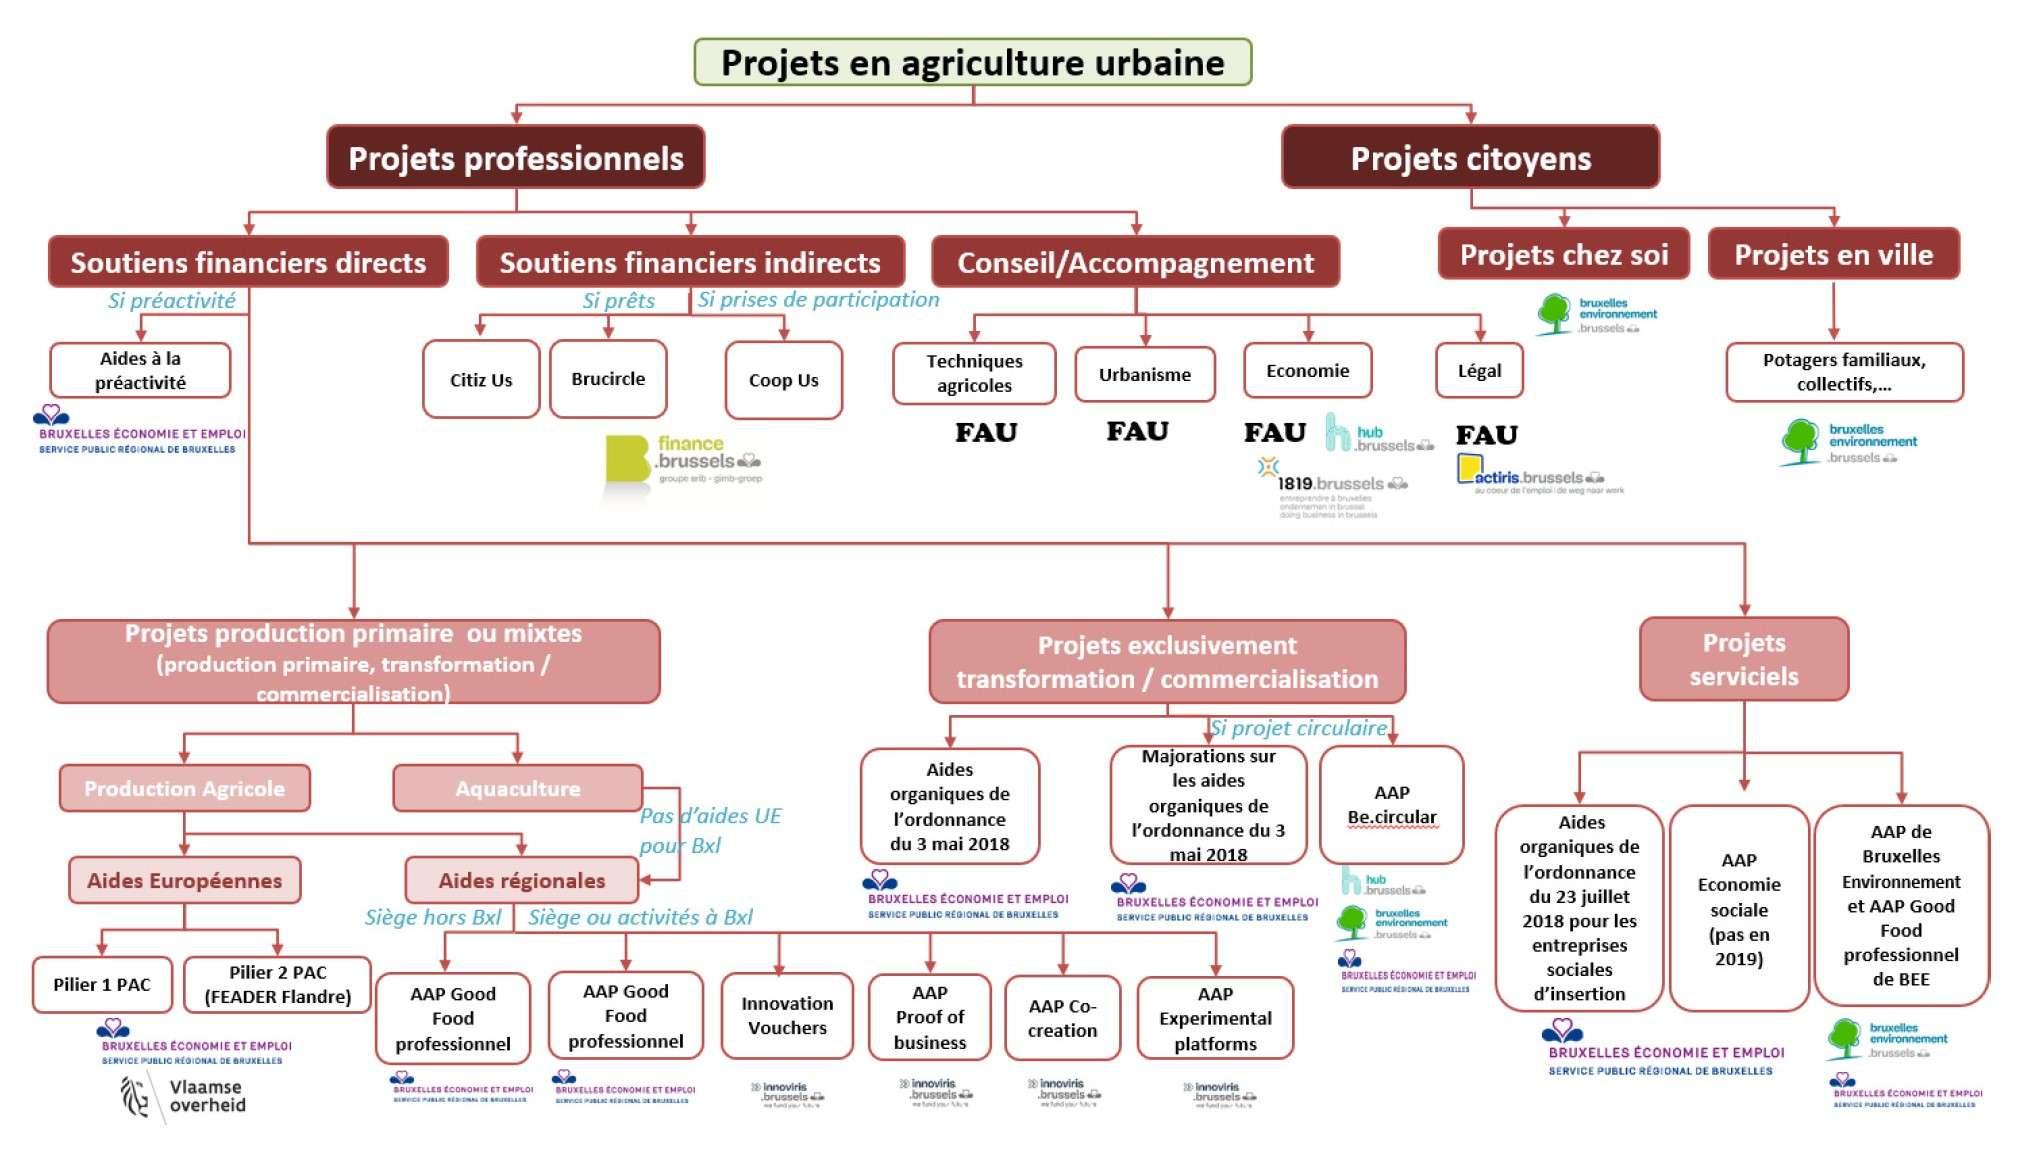 Arbre décisionnel pour financement en agriculture urbaine